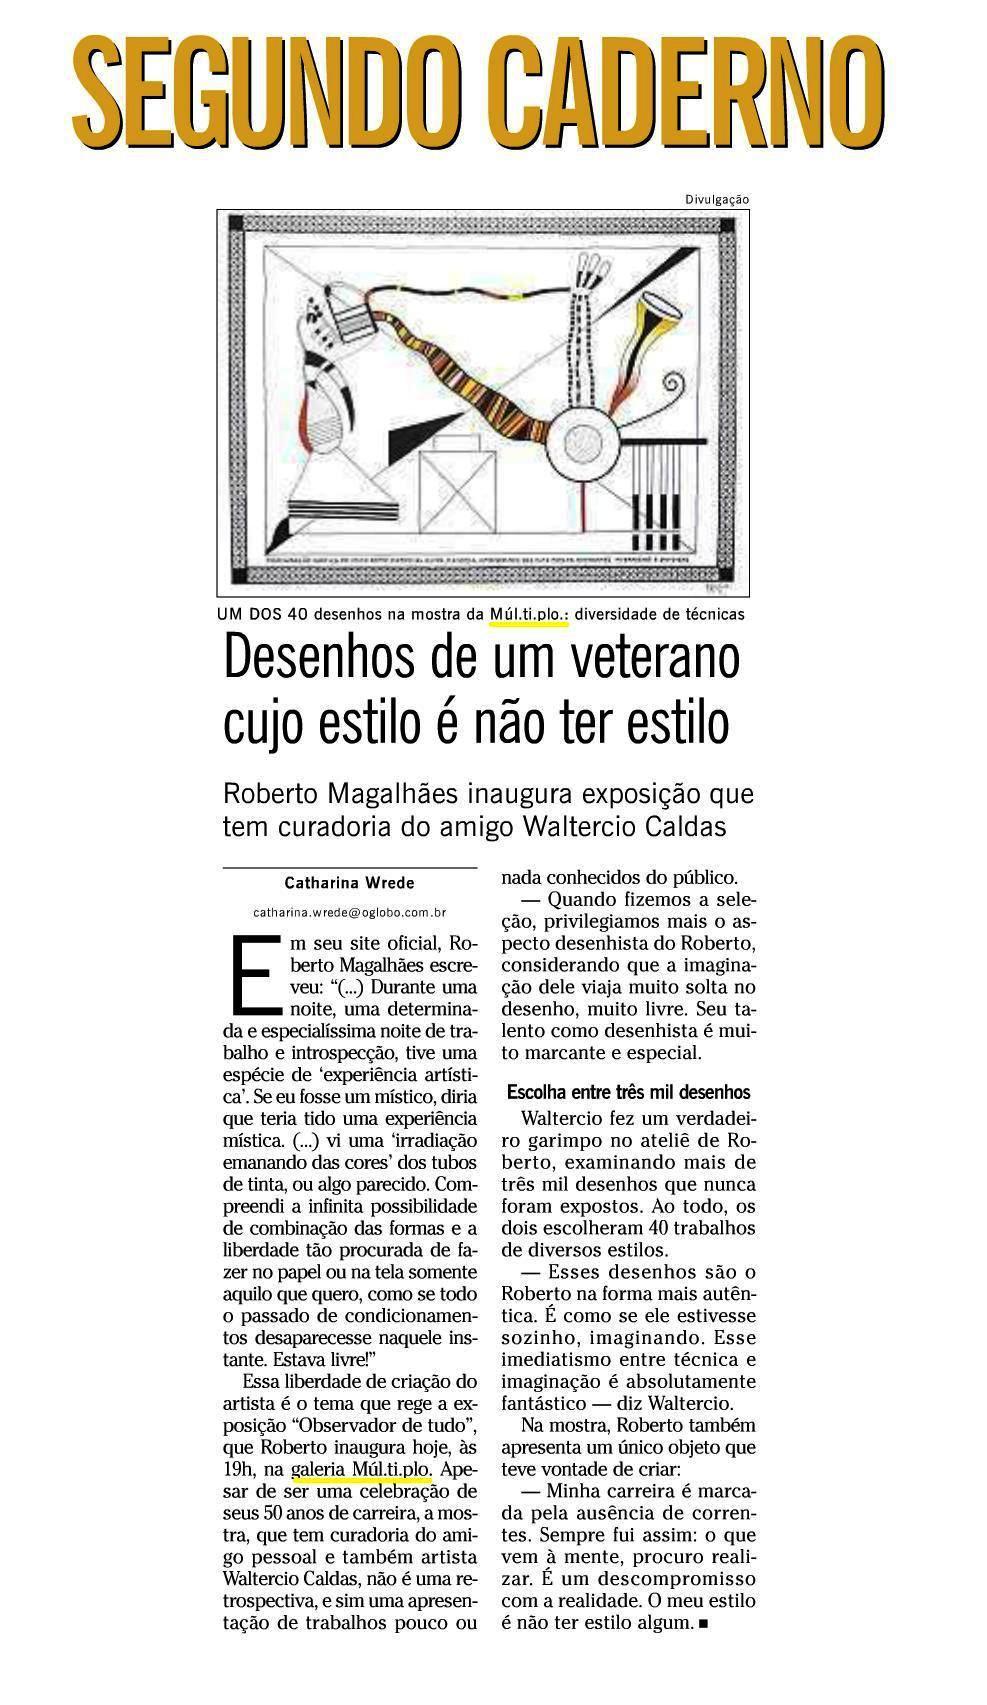 MUL.TI.PLO ESPAÇO ARTE NO JORNAL O GLOBO- SEGUNDO CADERNO 22.03.2012.JPG